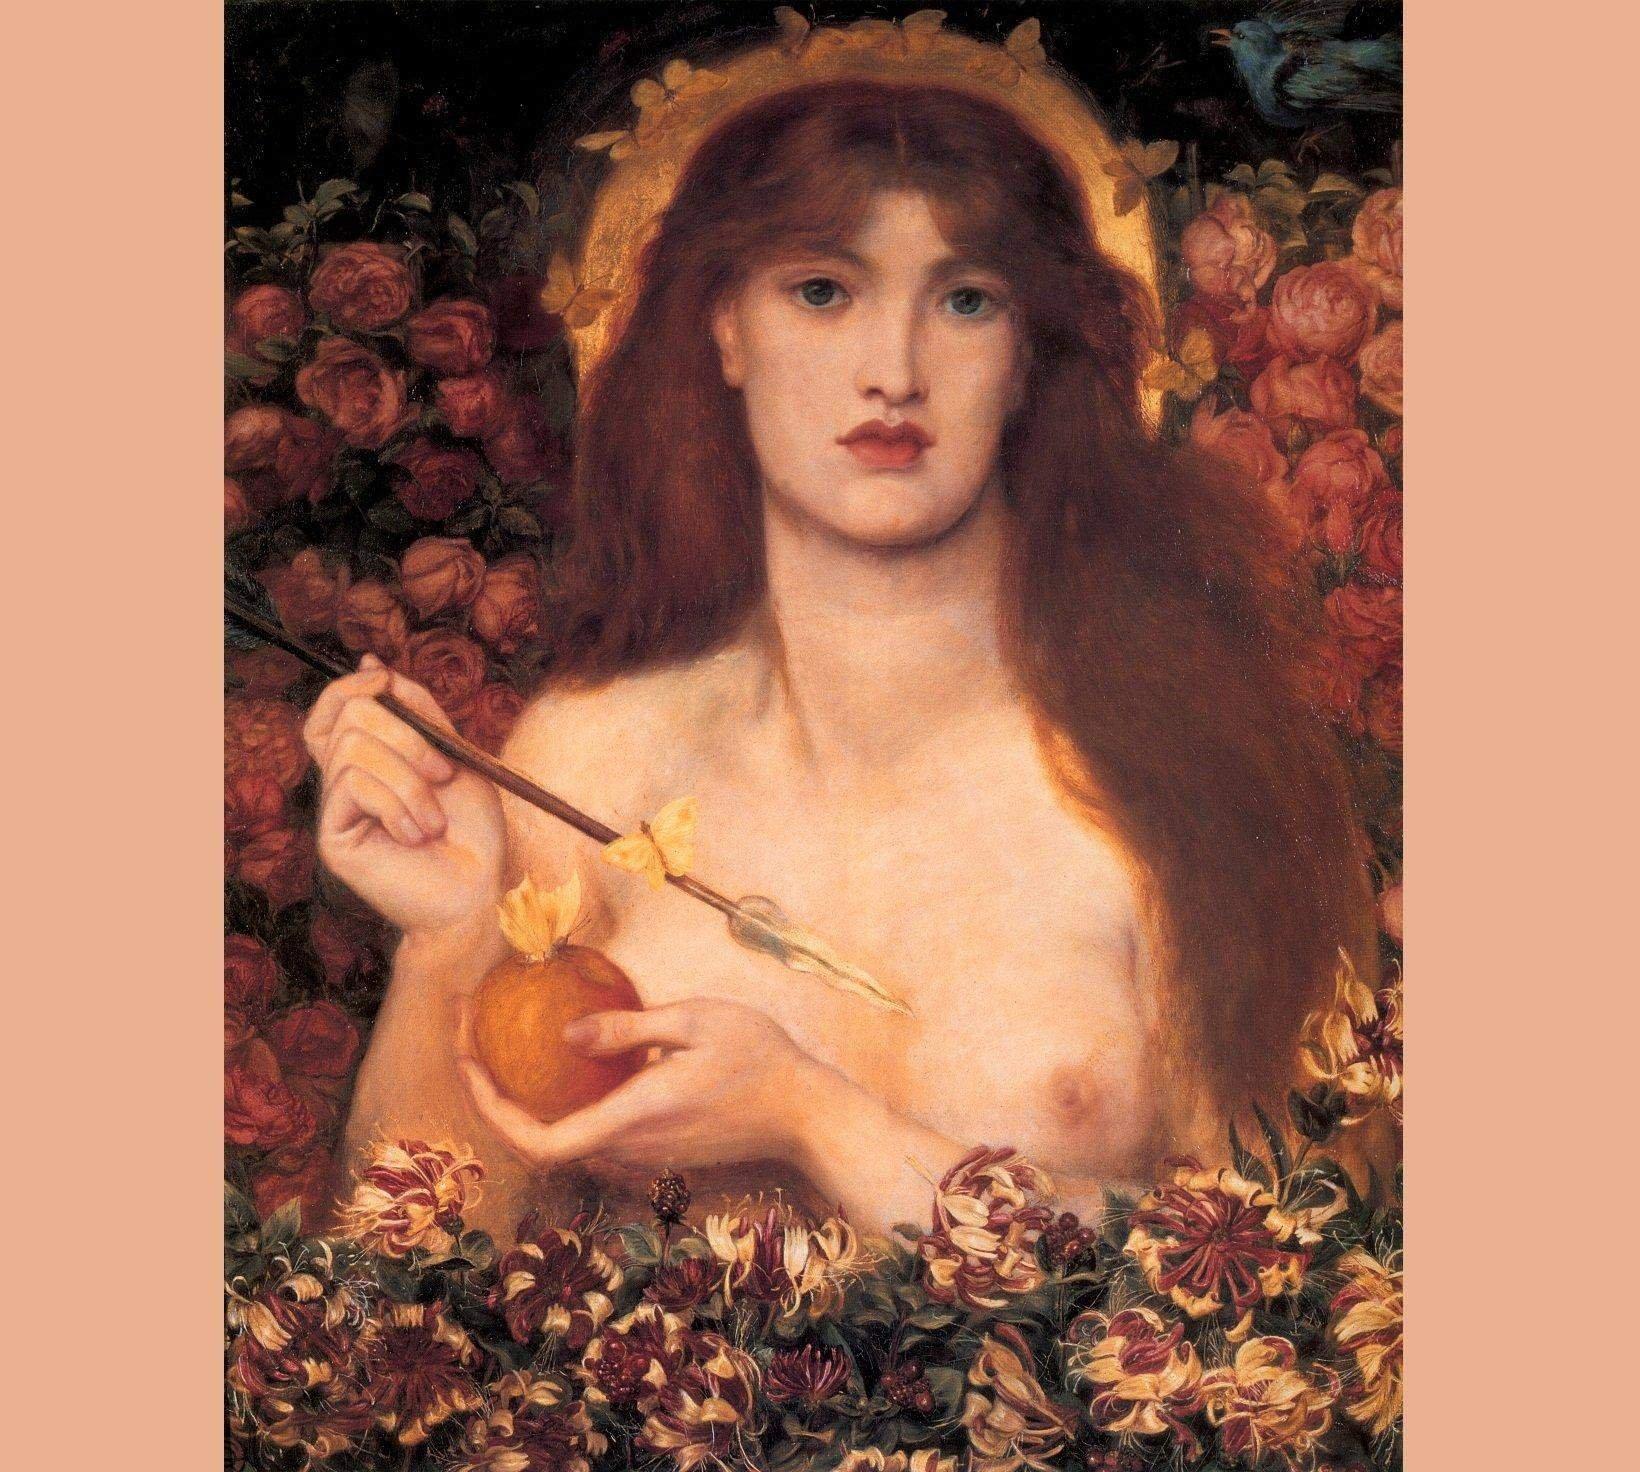 Данте Габриэль Россетти. Венера Вертикордия. 1864–1868 гг. Галерея и музей Рассел-Коутс, Борнмут, Великобритания